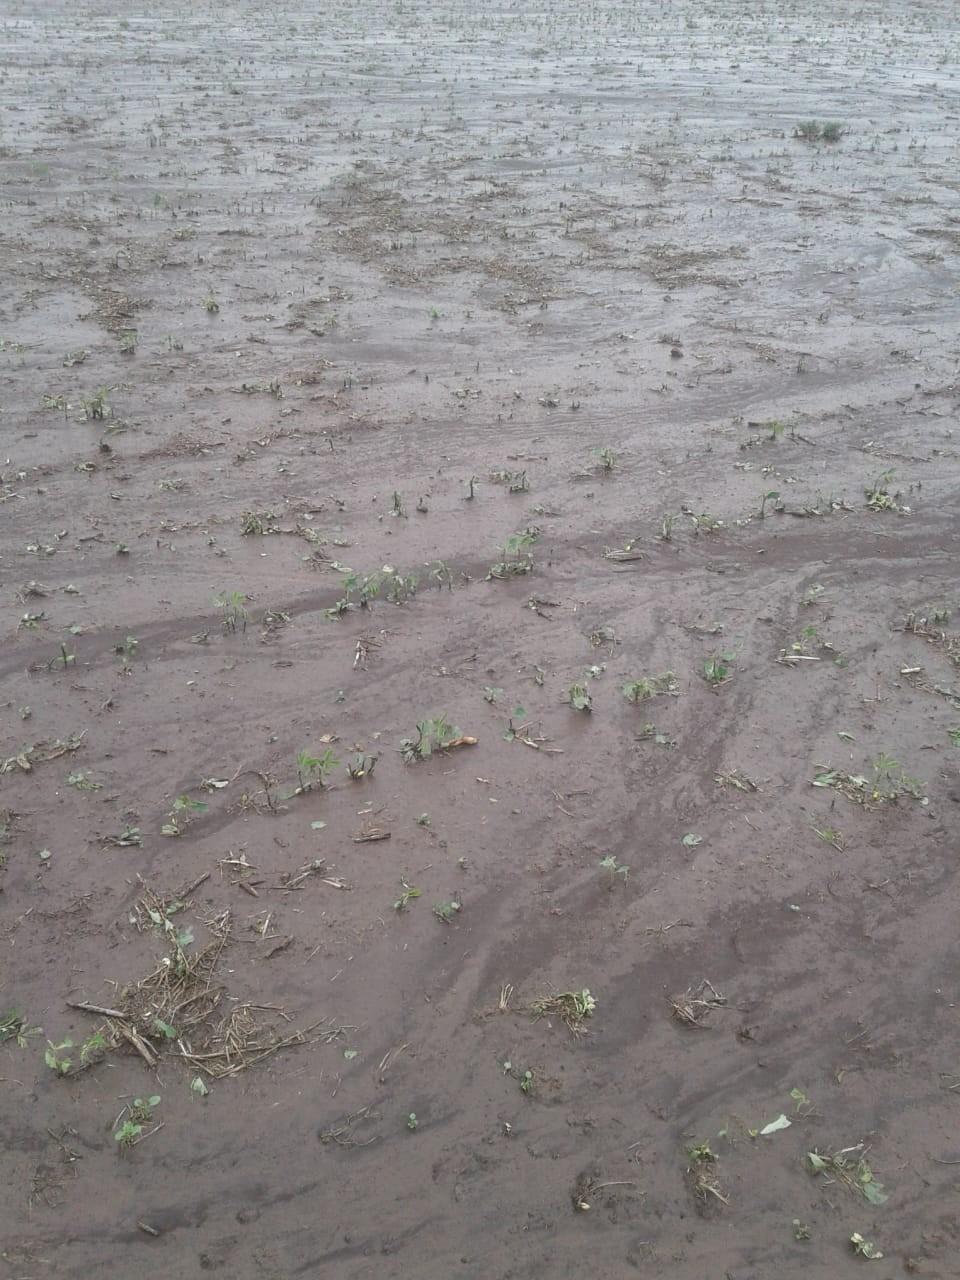 La tormenta destruyó parte de los cultivos